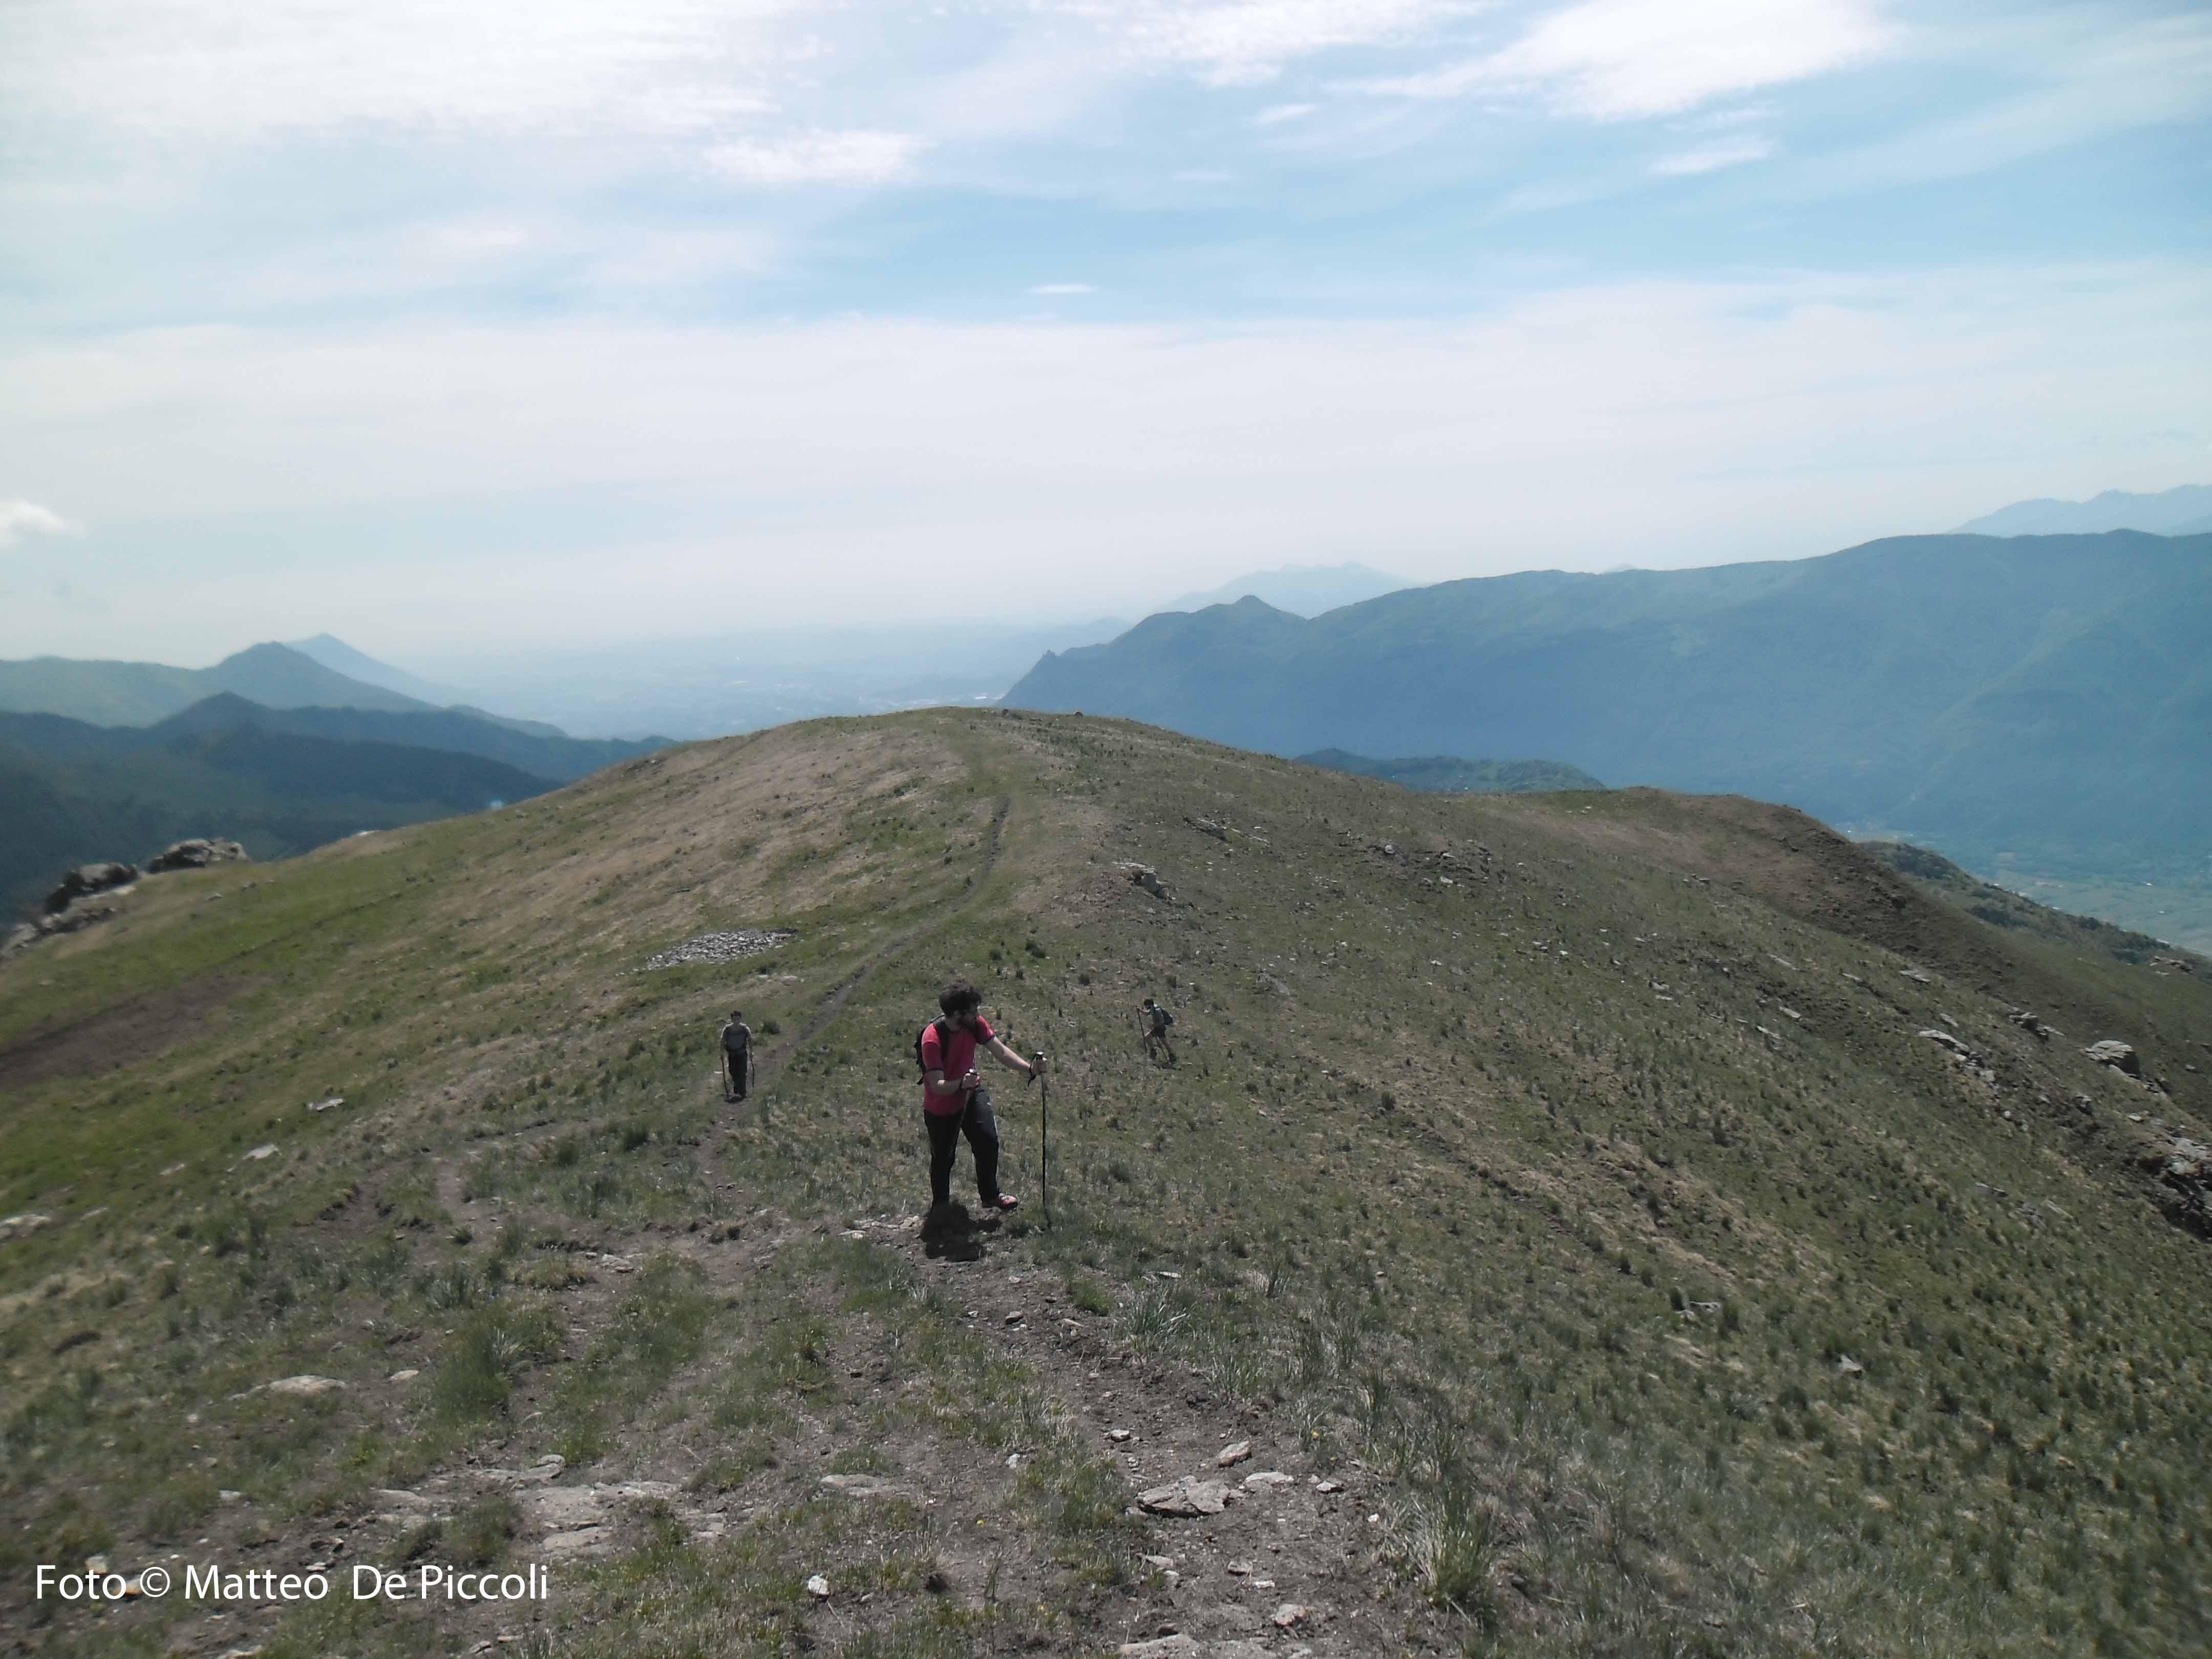 Quasi in cima; sullo sfondo Rocca Sella, Musinè e Sacra di San Michele fanno da entrata alla Val Susa